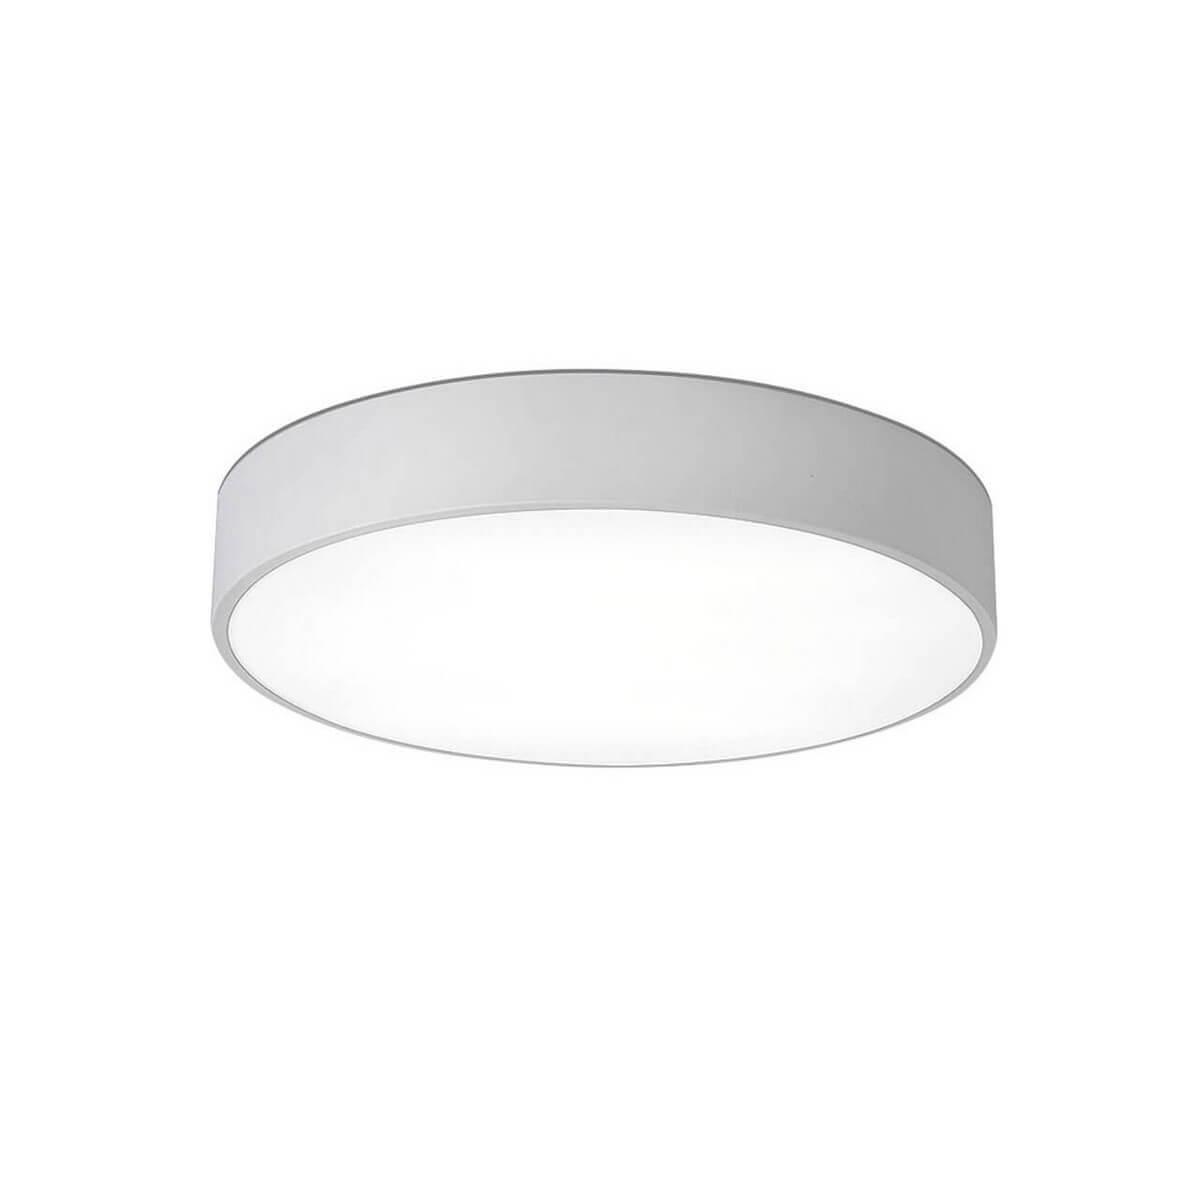 Потолочный светодиодный светильник Kink Light Медина 05430,01 потолочный светодиодный светильник kink light медина 05430 01